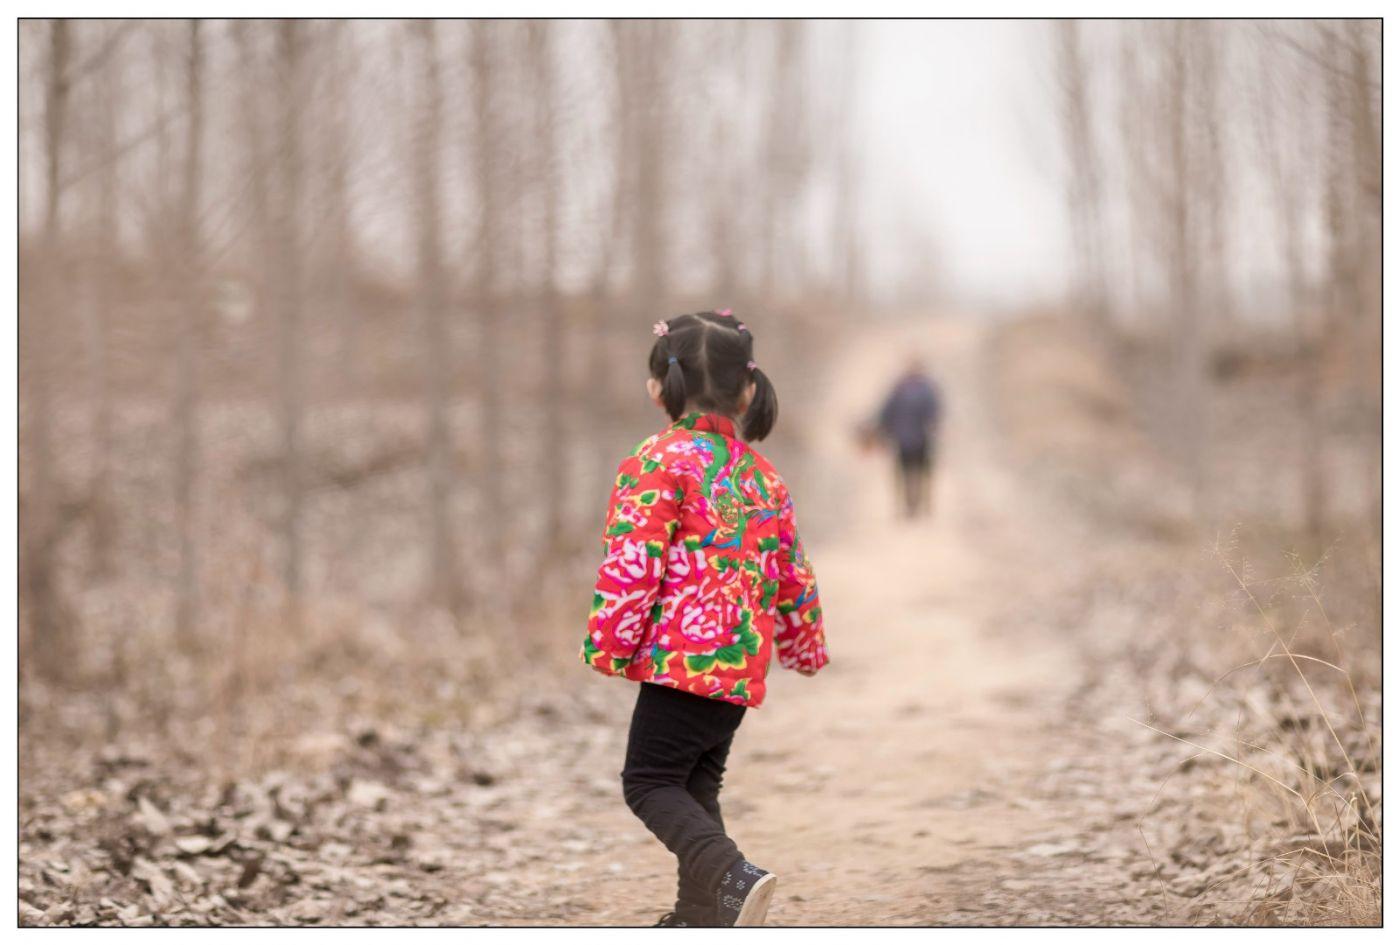 劳模店轶事:奶奶赐我御寒衣 穿着棉袄棉裤掉进冰窟窿的童年经历 ..._图1-1